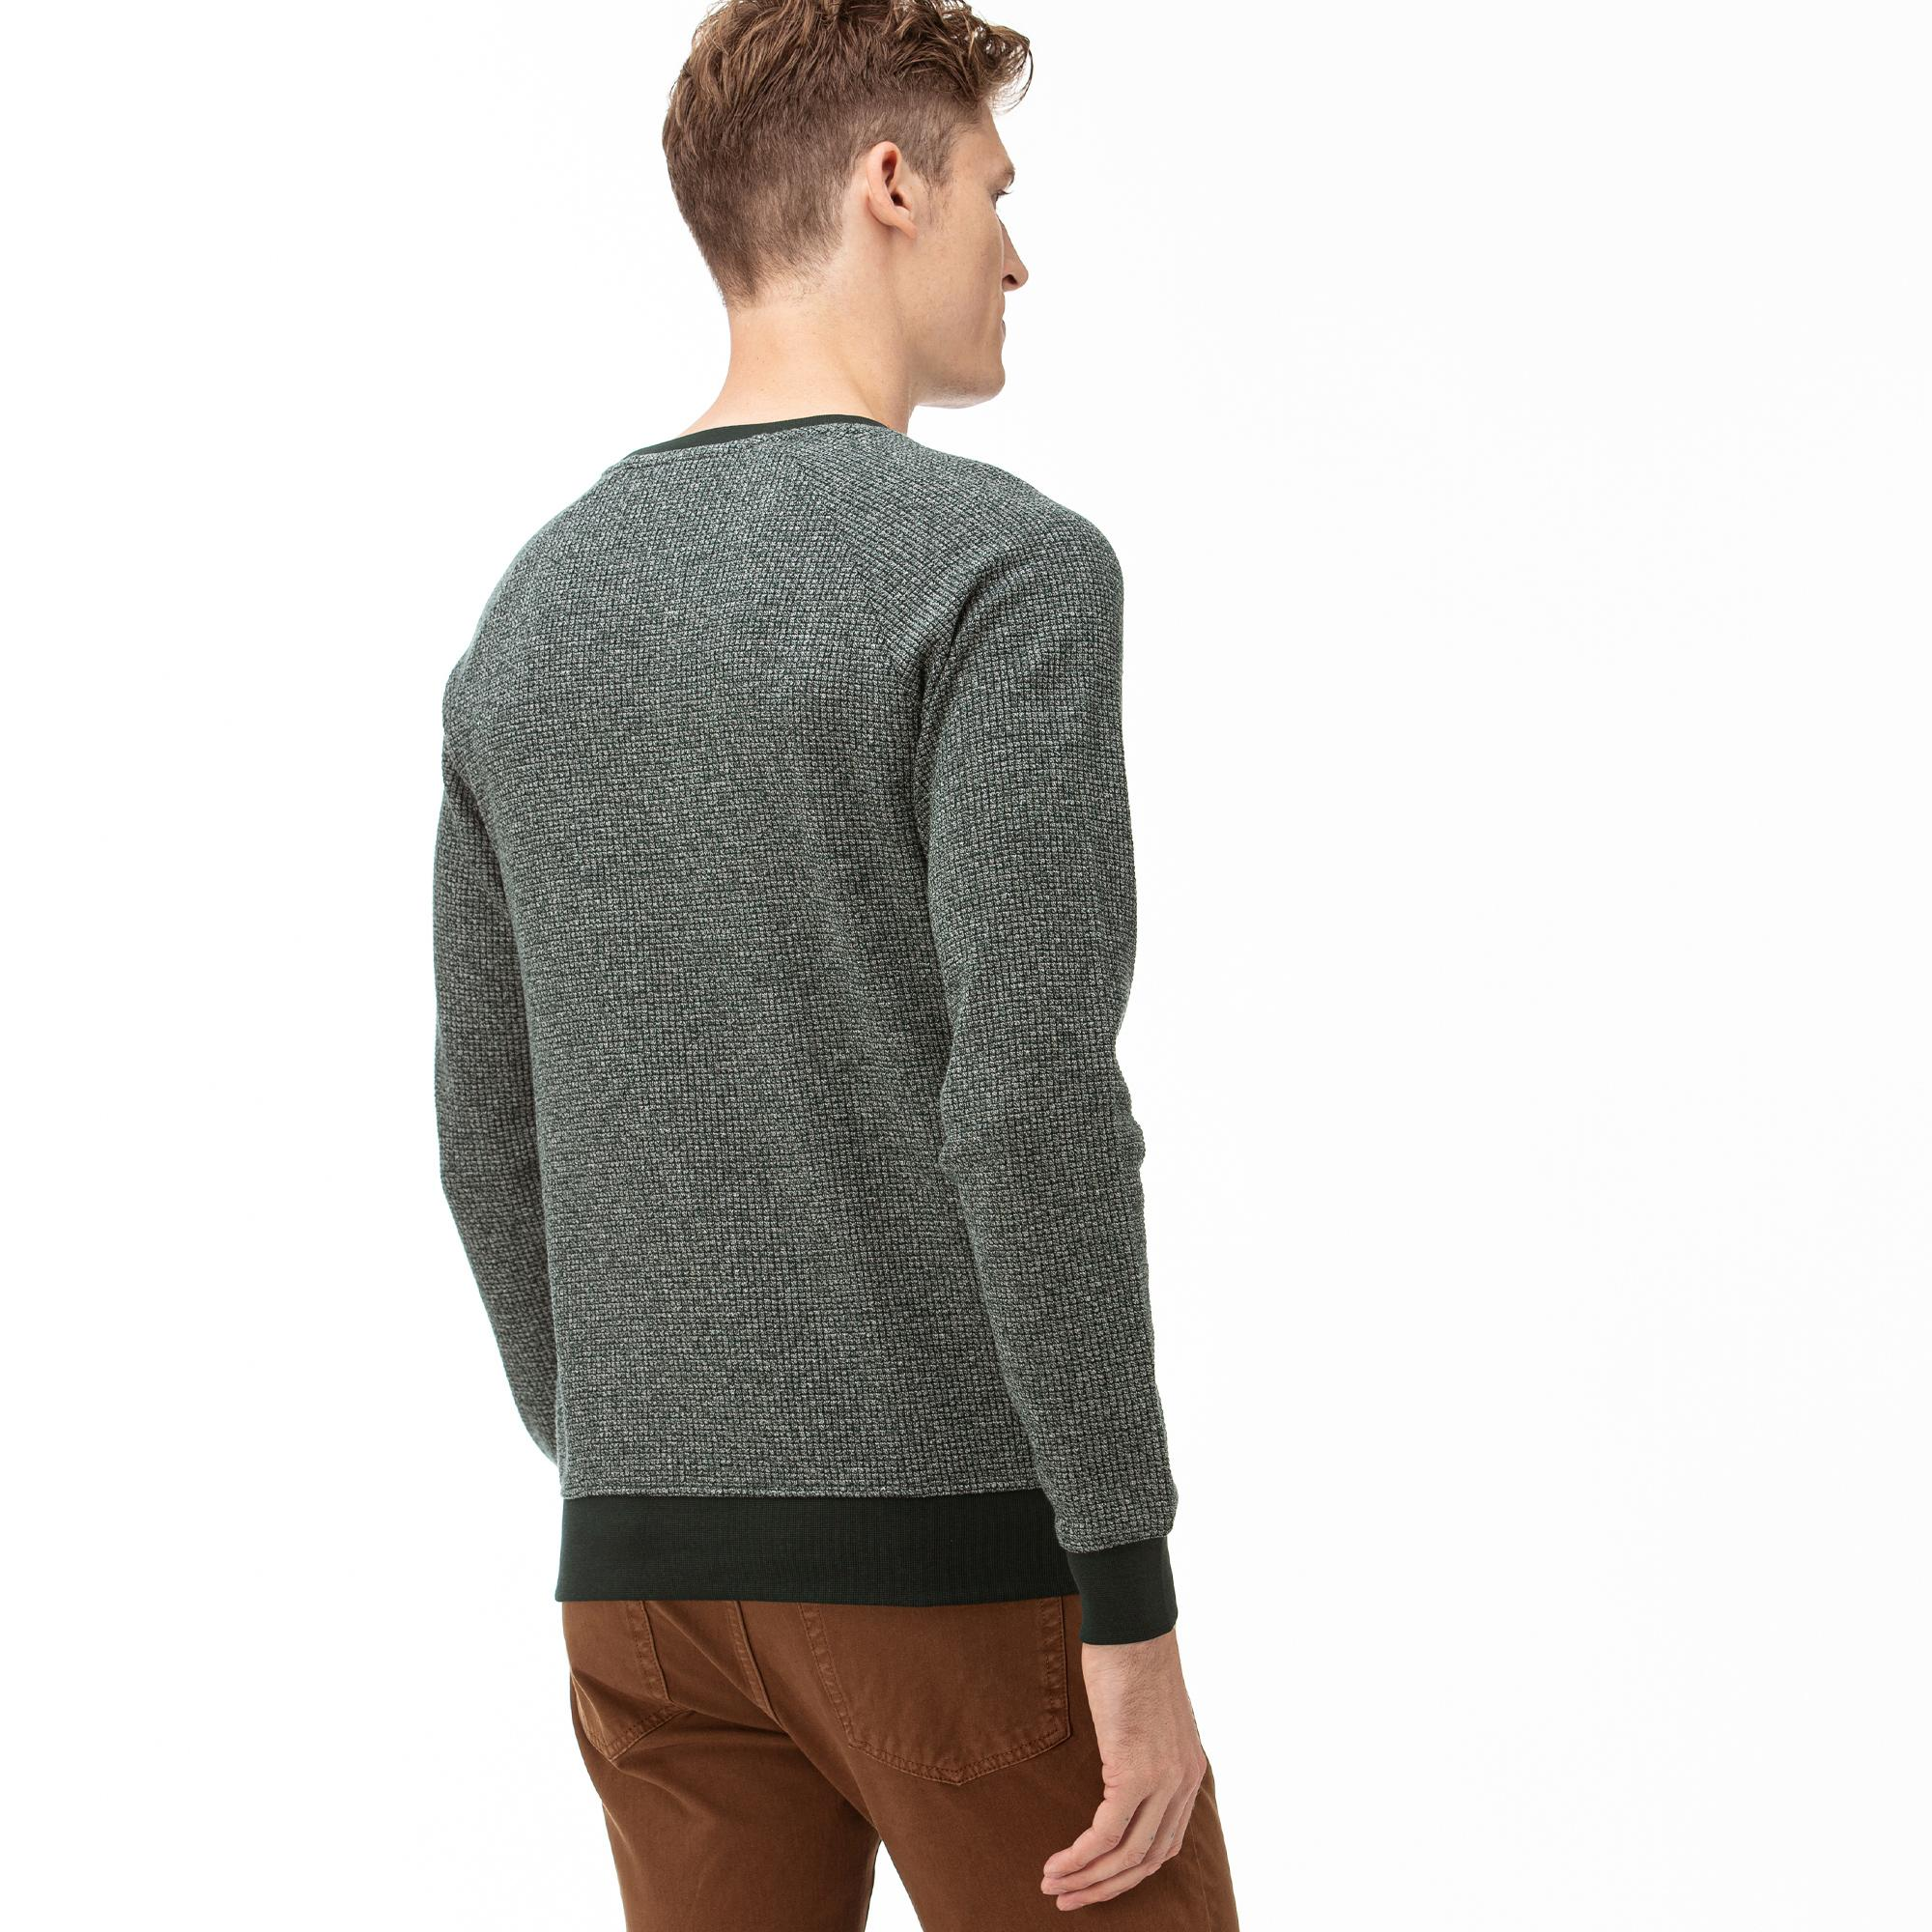 Lacoste Erkek Yeşil Uzun Kollu Sweatshirt